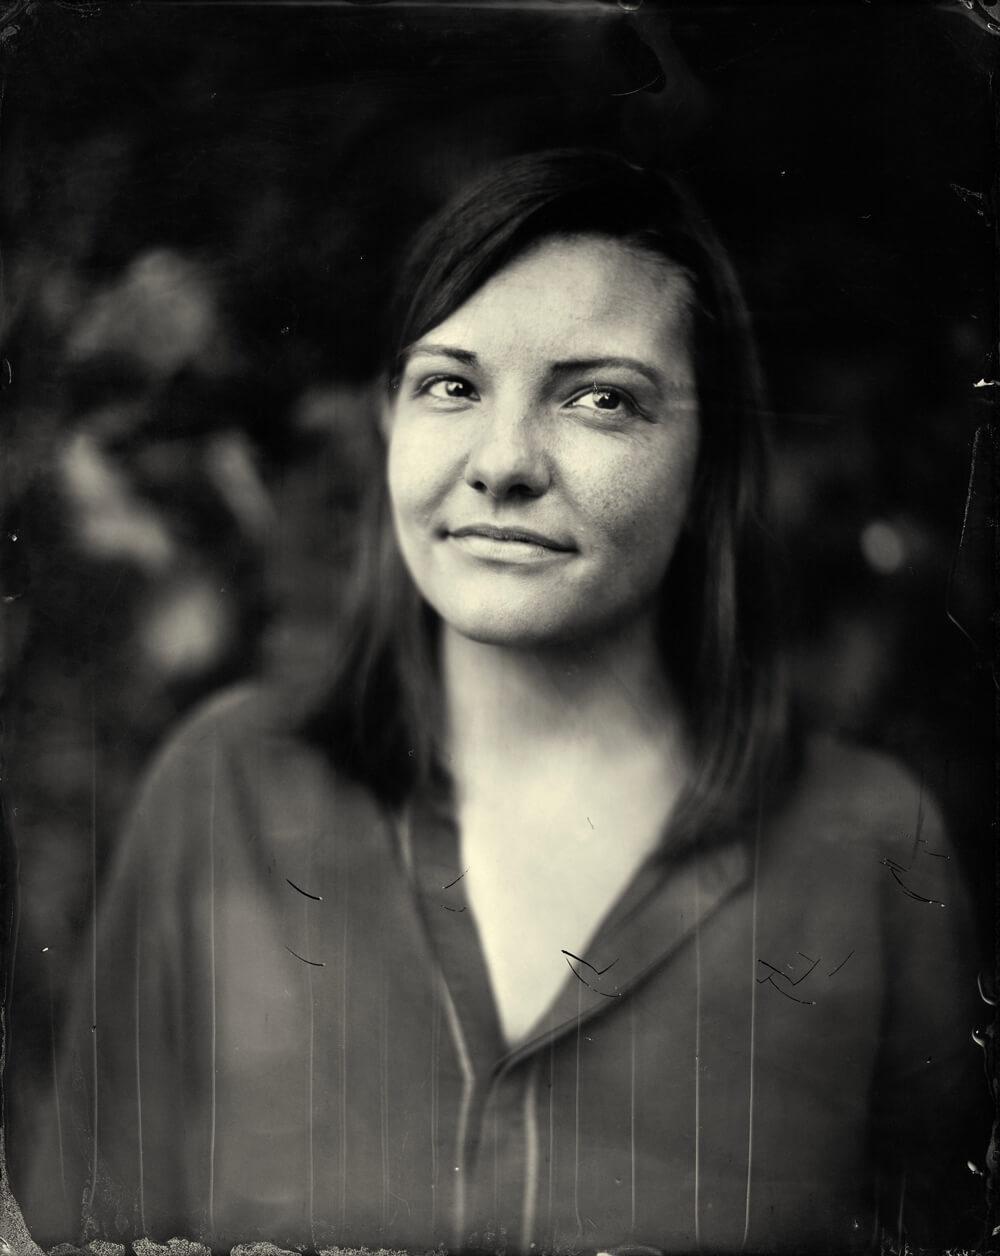 Portrait photographique de Noée Baud lézards création agence communication publicité vosges